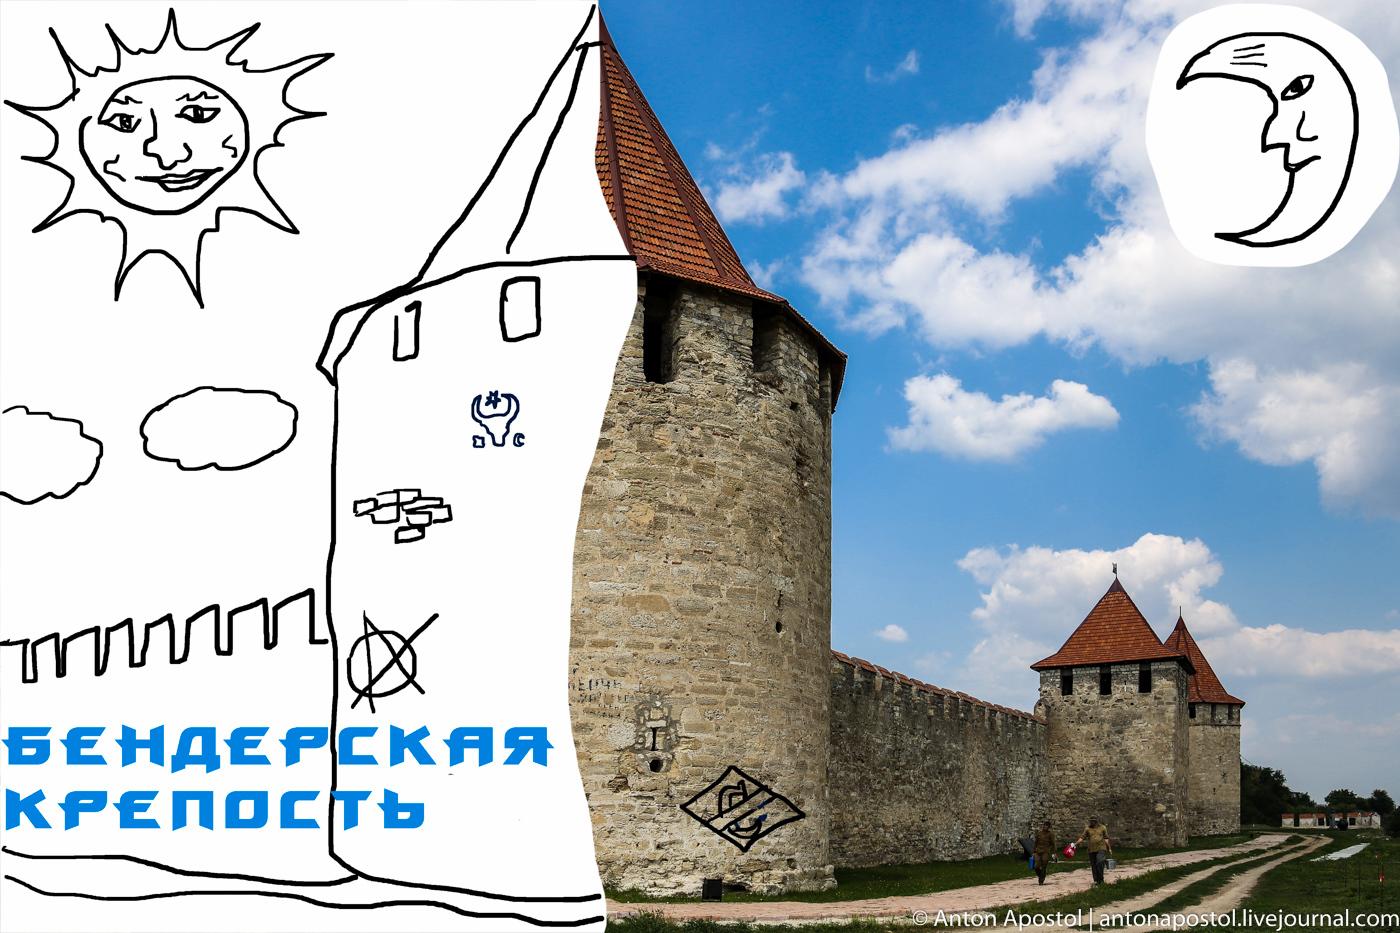 Бендерская крепость.